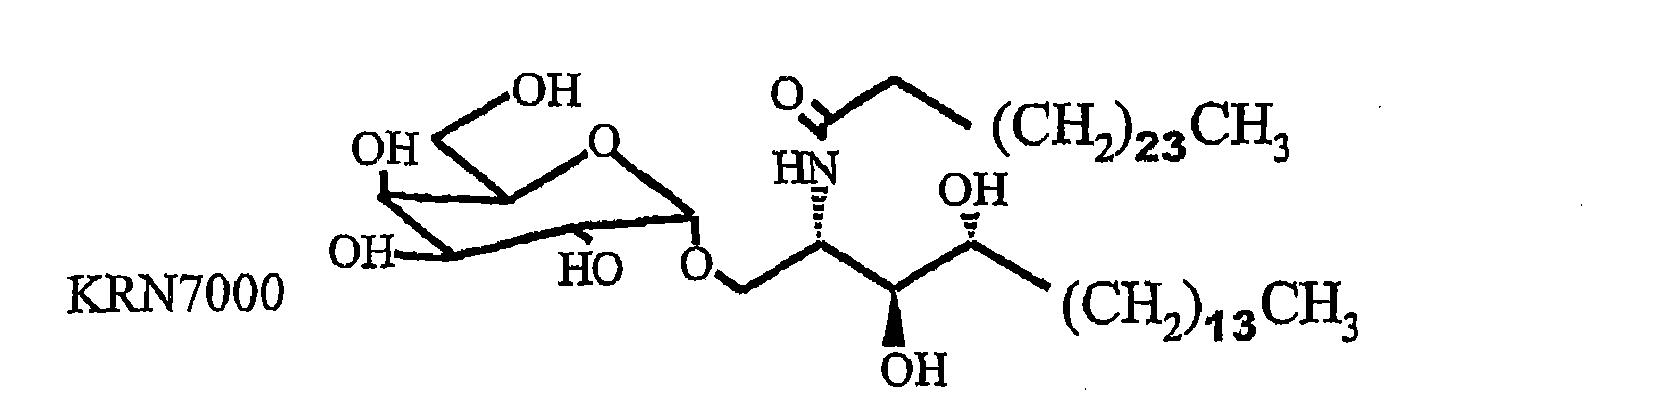 其具有α-半乳糖苷神经酰胺(a-galcer)结构以及免疫